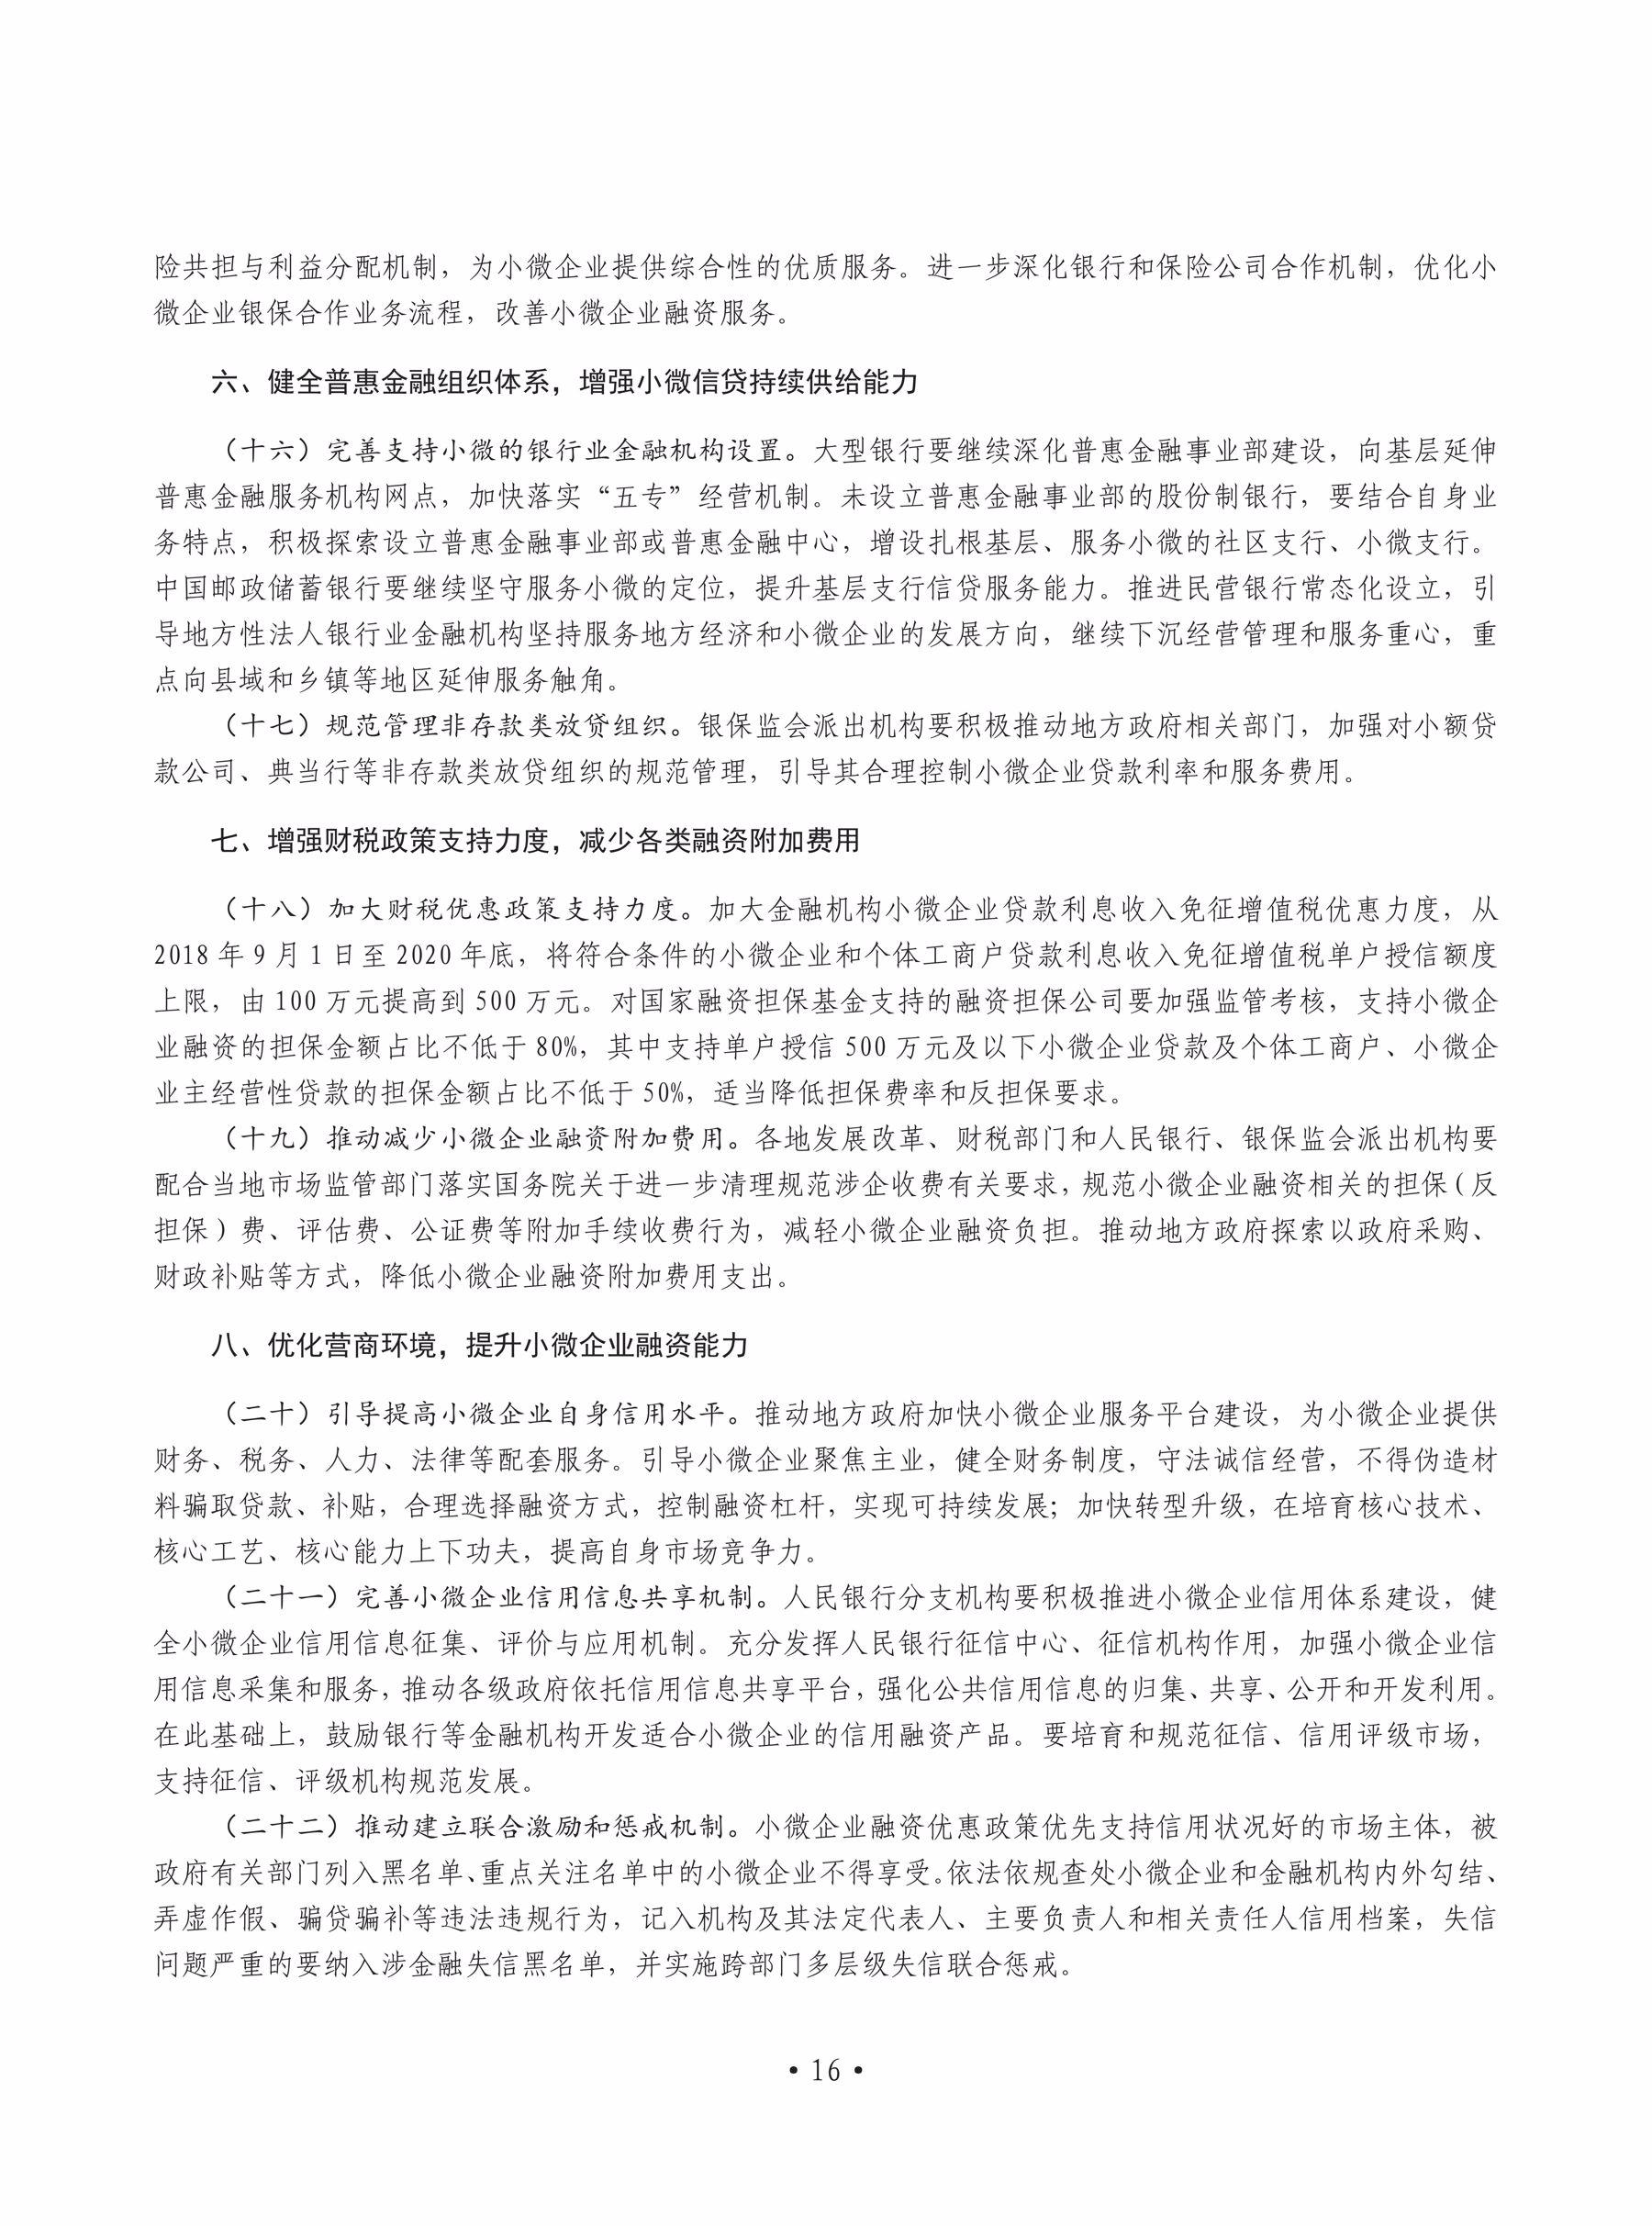 促进中小企业发展政策 11.12(确认印刷)_19.jpg